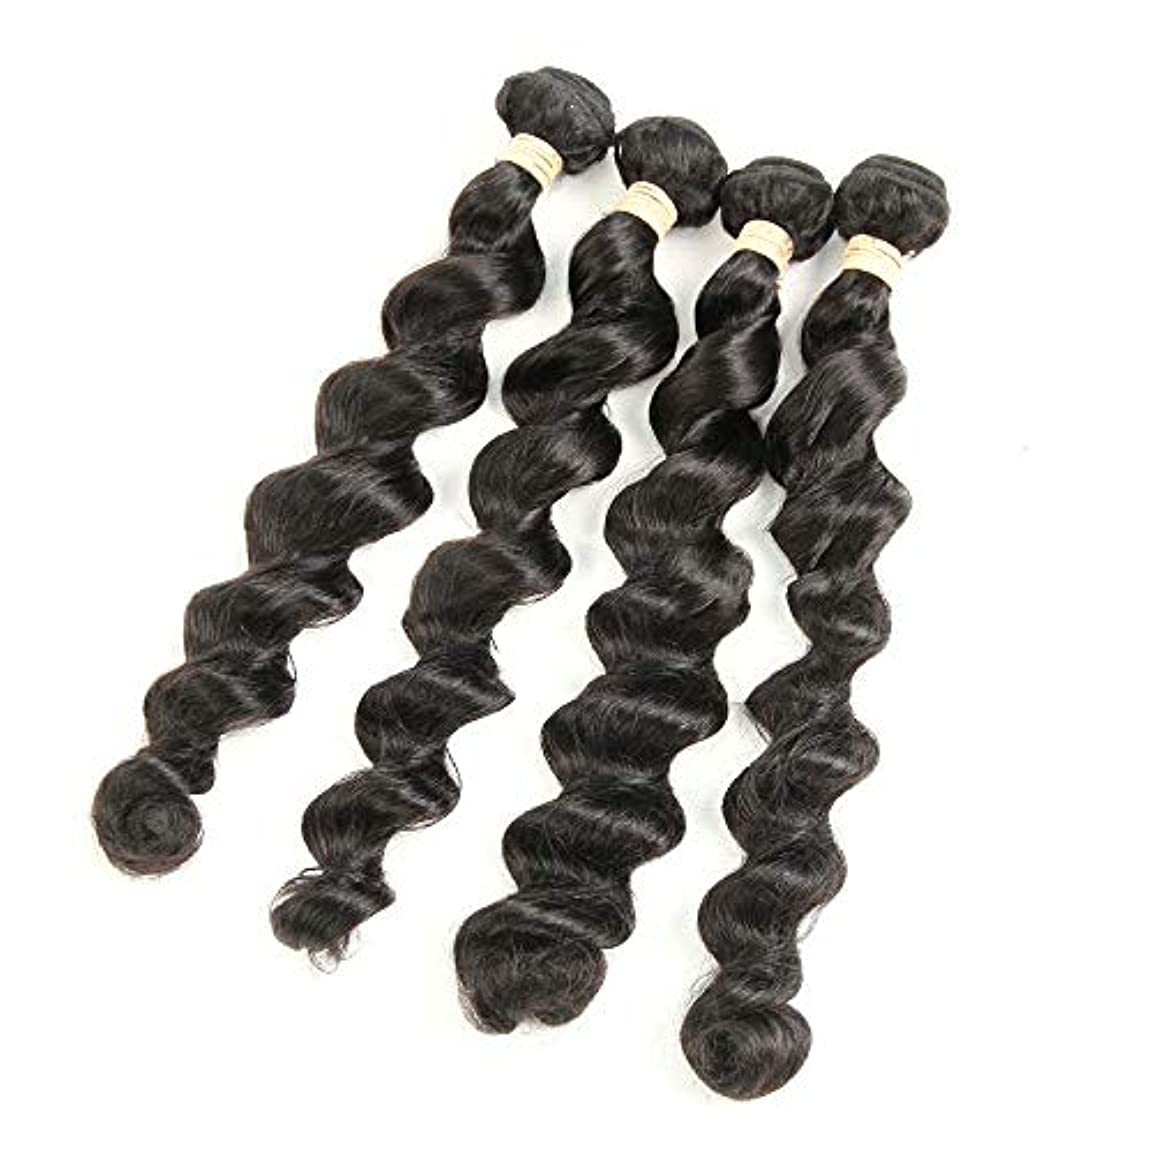 換気明らかに信じるWASAIO 人毛レースフロントウィッグブラジルのバージンヘアールーズウェーブ1つのバンドル100%未処理の人間の髪ブロンド (色 : 黒, サイズ : 16 inch)